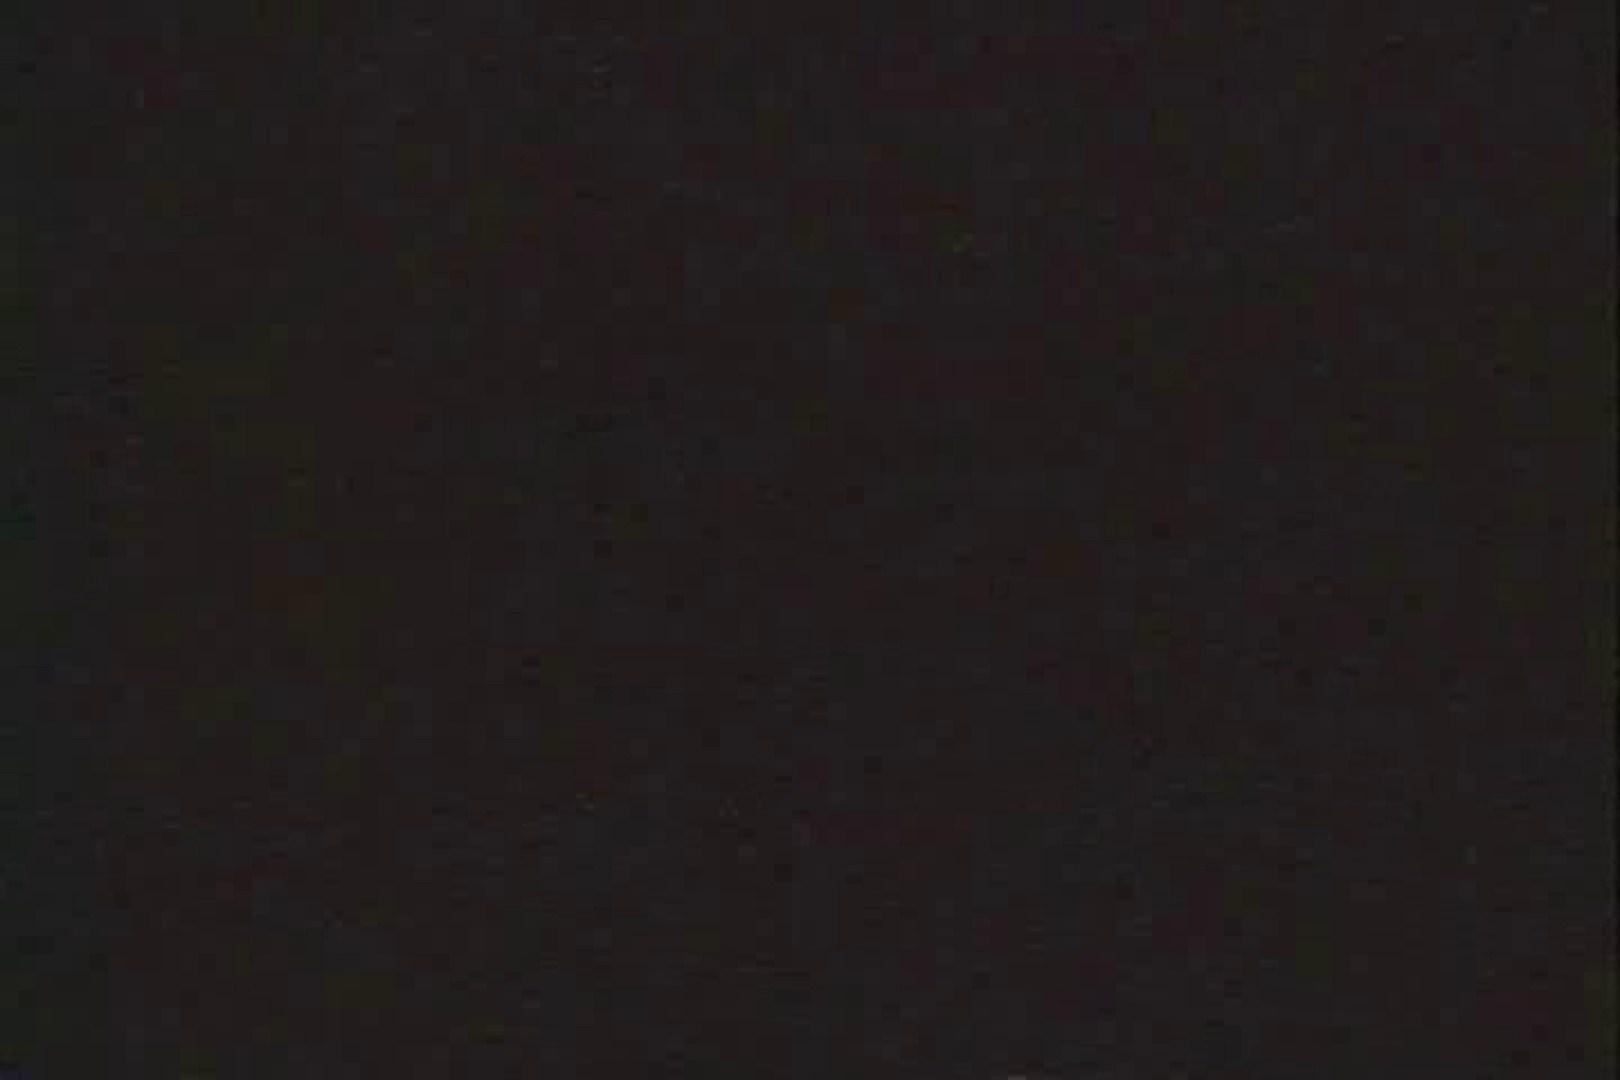 「ちくりん」さんのオリジナル未編集パンチラVol.1_01 チラ  95画像 57